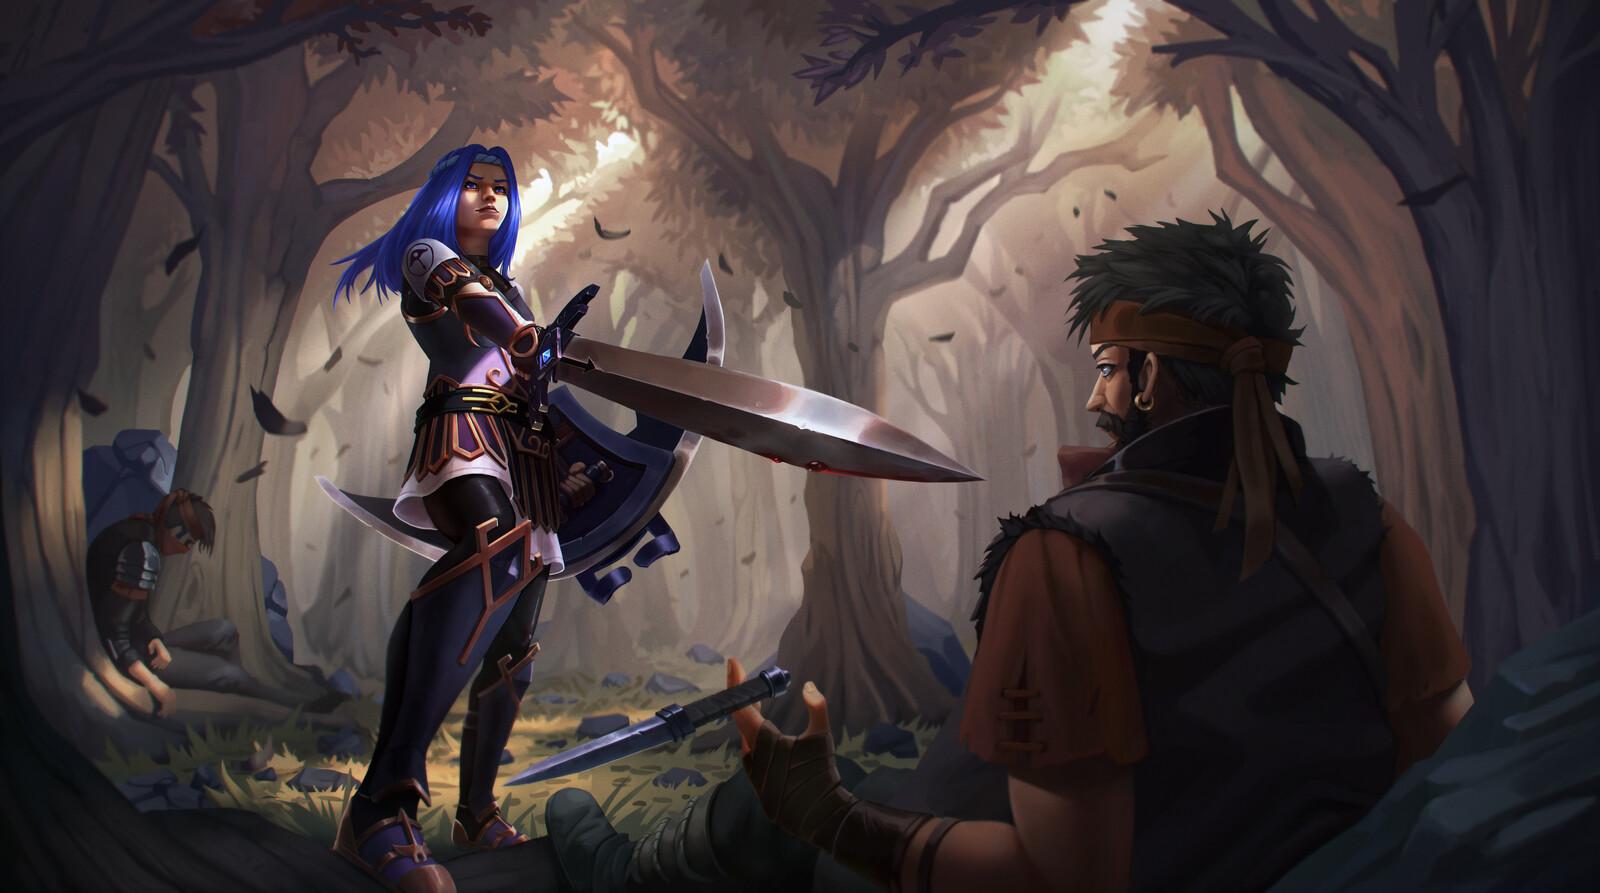 Aletheia's wrath